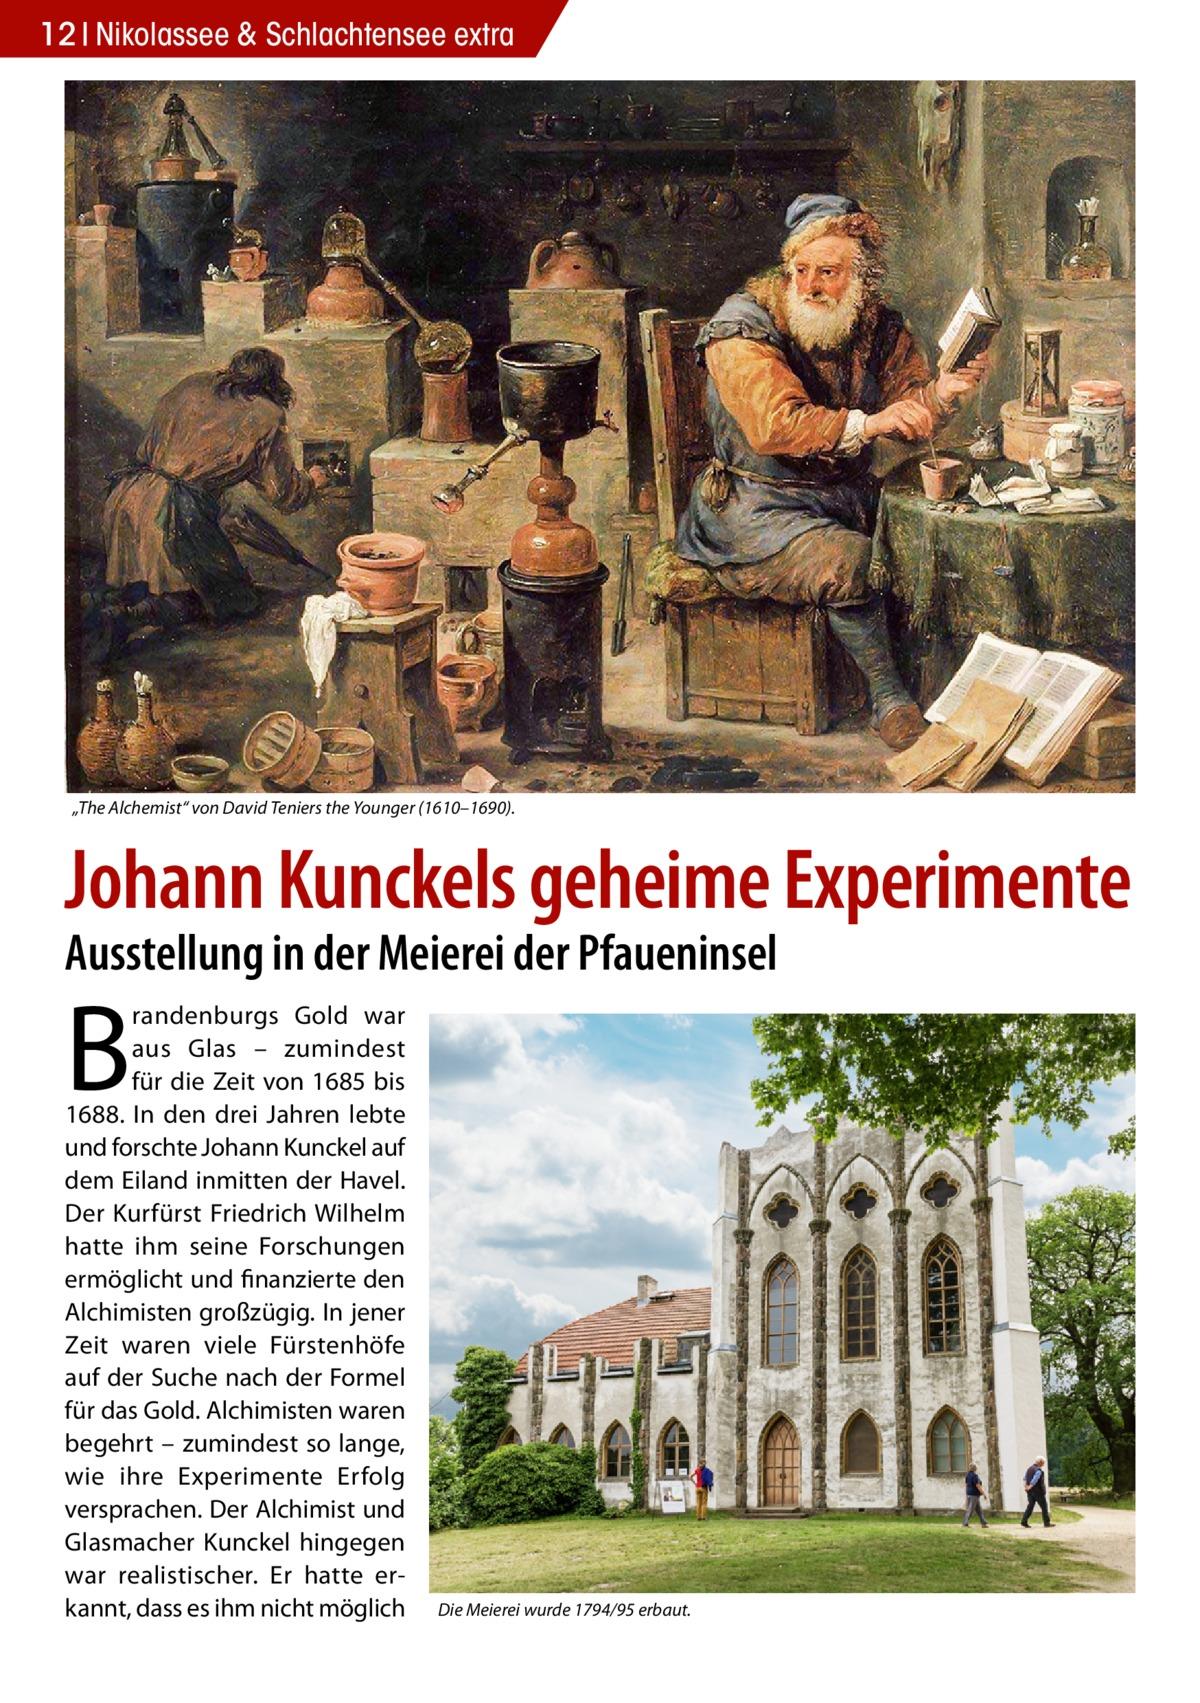 """12 Nikolassee & Schlachtensee extra  """"The Alchemist"""" von David Teniers the Younger (1610–1690).  Johann Kunckels geheime Experimente Ausstellung in der Meierei der Pfaueninsel  B  randenburgs Gold war aus Glas – zumindest für die Zeit von 1685 bis 1688. In den drei Jahren lebte und forschte Johann Kunckel auf dem Eiland inmitten der Havel. Der Kurfürst Friedrich Wilhelm hatte ihm seine Forschungen ermöglicht und finanzierte den Alchimisten großzügig. In jener Zeit waren viele Fürstenhöfe auf der Suche nach der Formel für das Gold. Alchimisten waren begehrt – zumindest so lange, wie ihre Experimente Erfolg versprachen. Der Alchimist und Glasmacher Kunckel hingegen war realistischer. Er hatte erkannt, dass es ihm nicht möglich  Die Meierei wurde 1794/95 erbaut."""